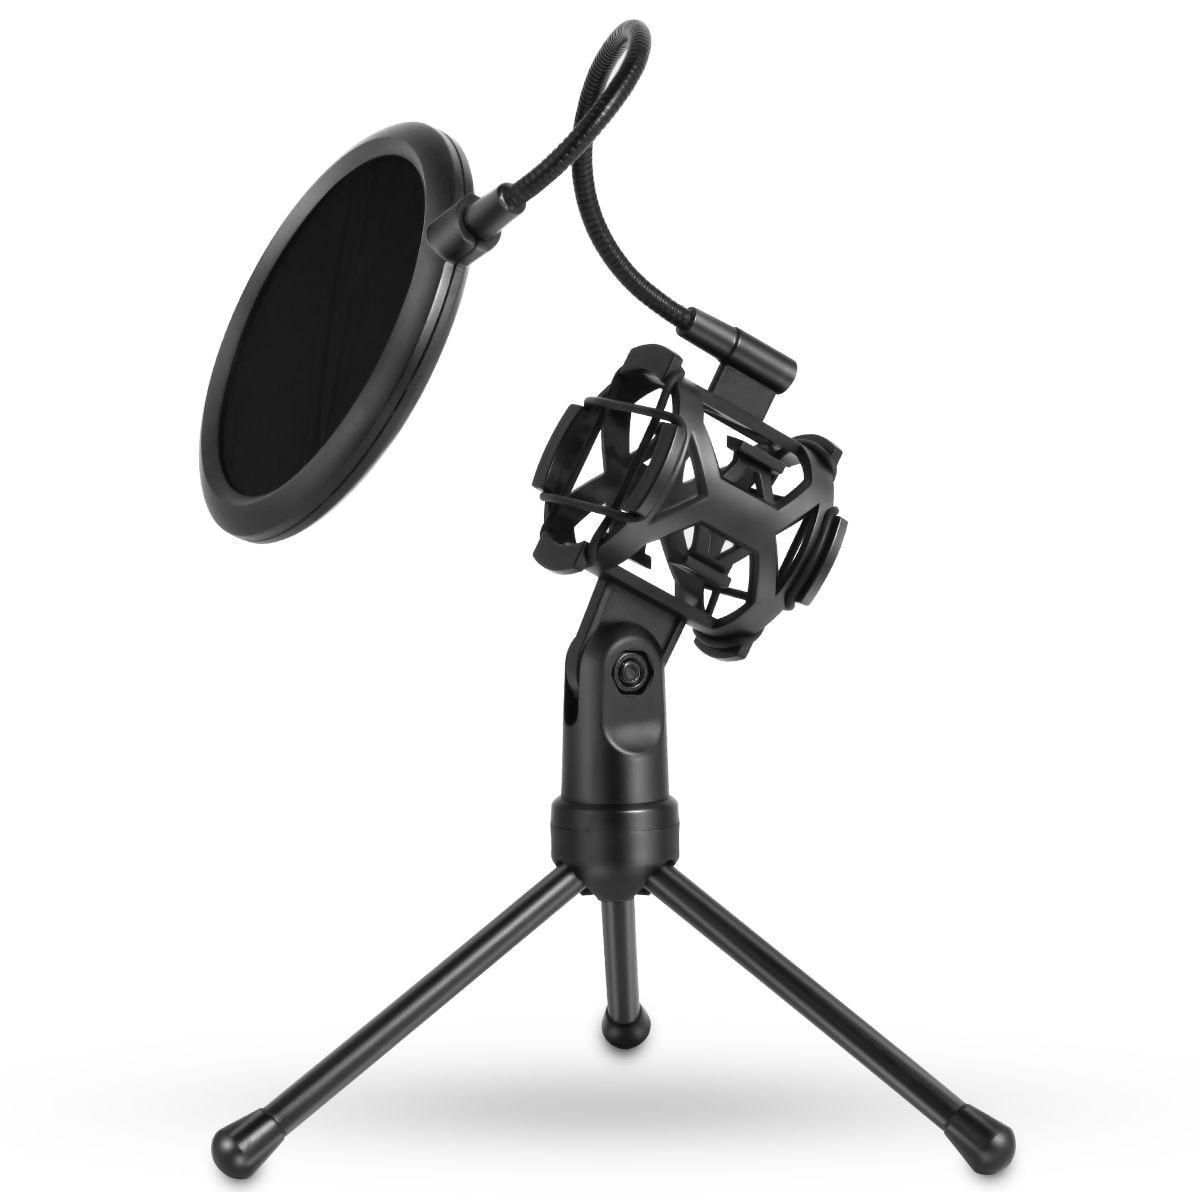 Unterhaltungselektronik ZuverläSsig Tragbare Mikrofon Desktop-stativ Aufnahme Mikrofon Stehen Mit Mikrofon Clip Windschutz Filter Ausreichende Versorgung Mikrofonstativ